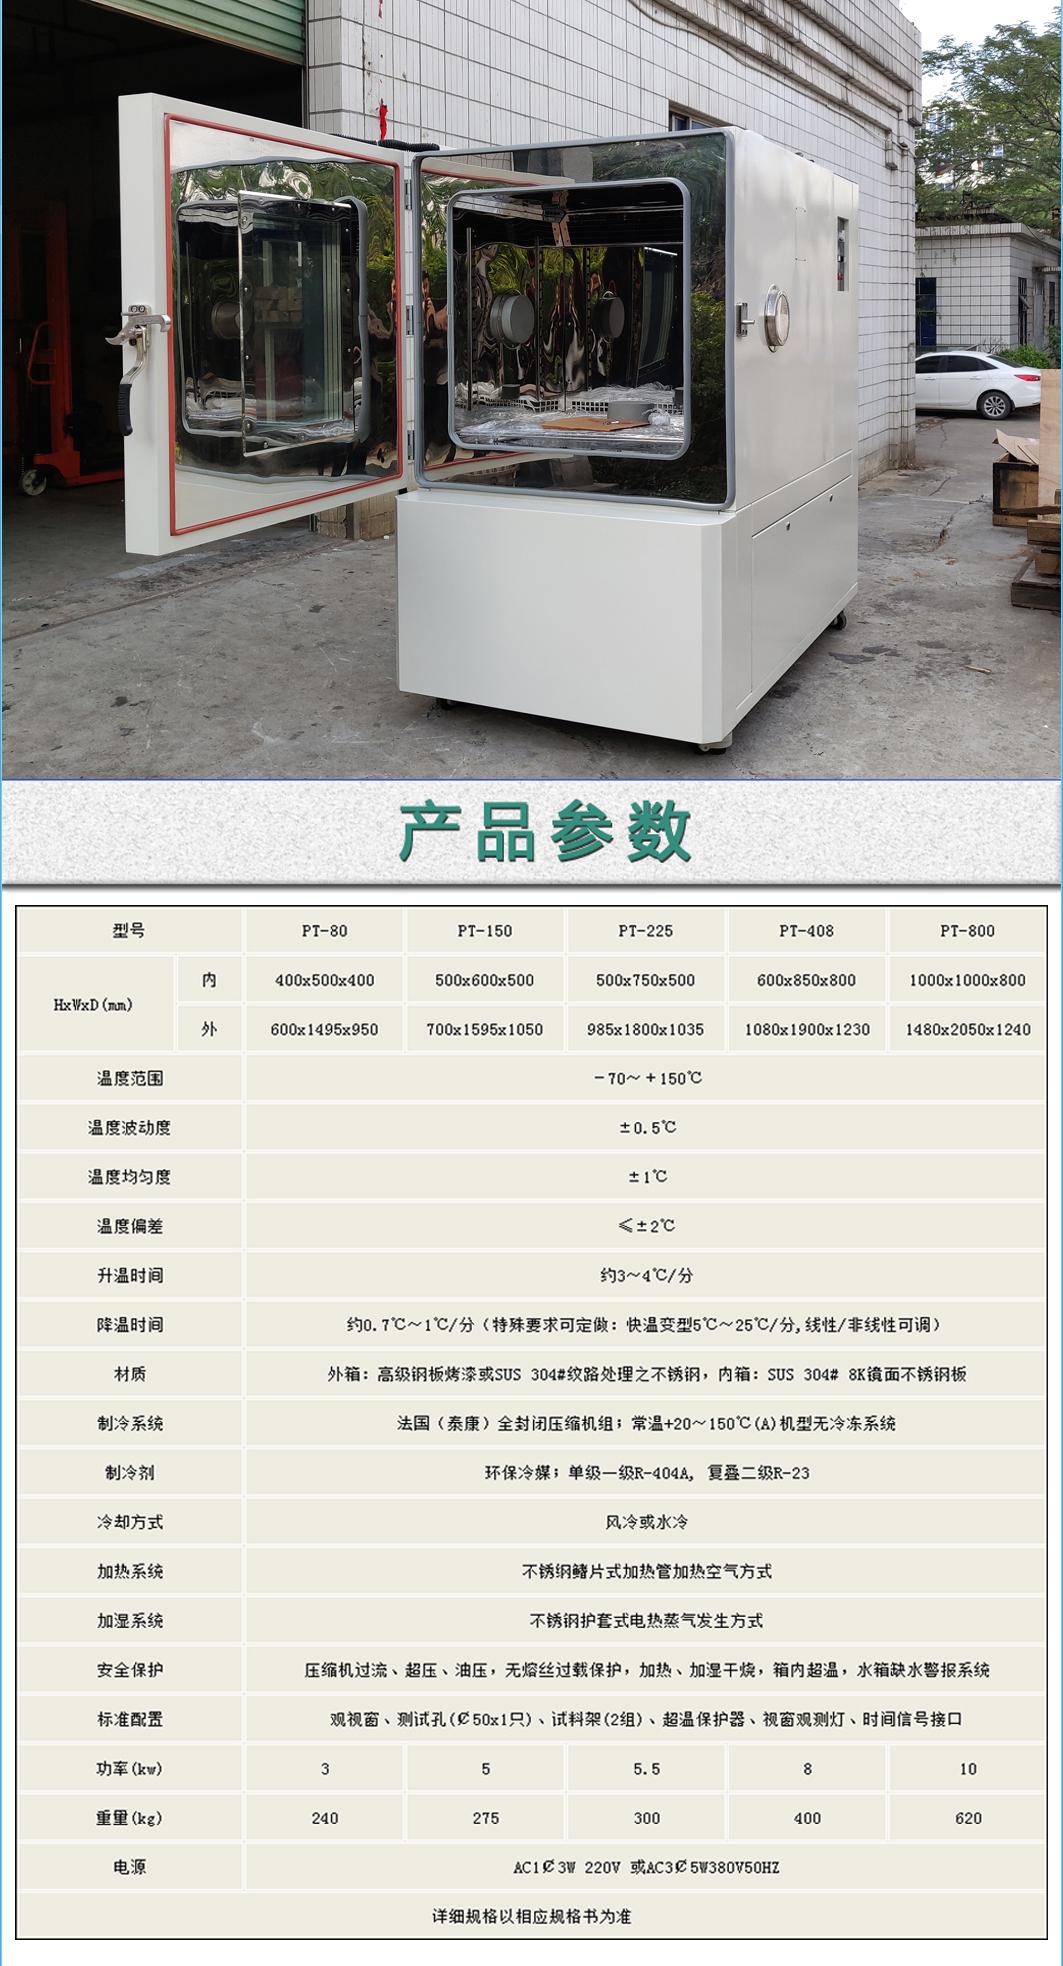 高低溫交變試驗箱,高低溫交變箱,高低溫交變實驗箱規格系列齊全,可根據用戶不同要求定制不同尺寸/使用指標/各種選配功能